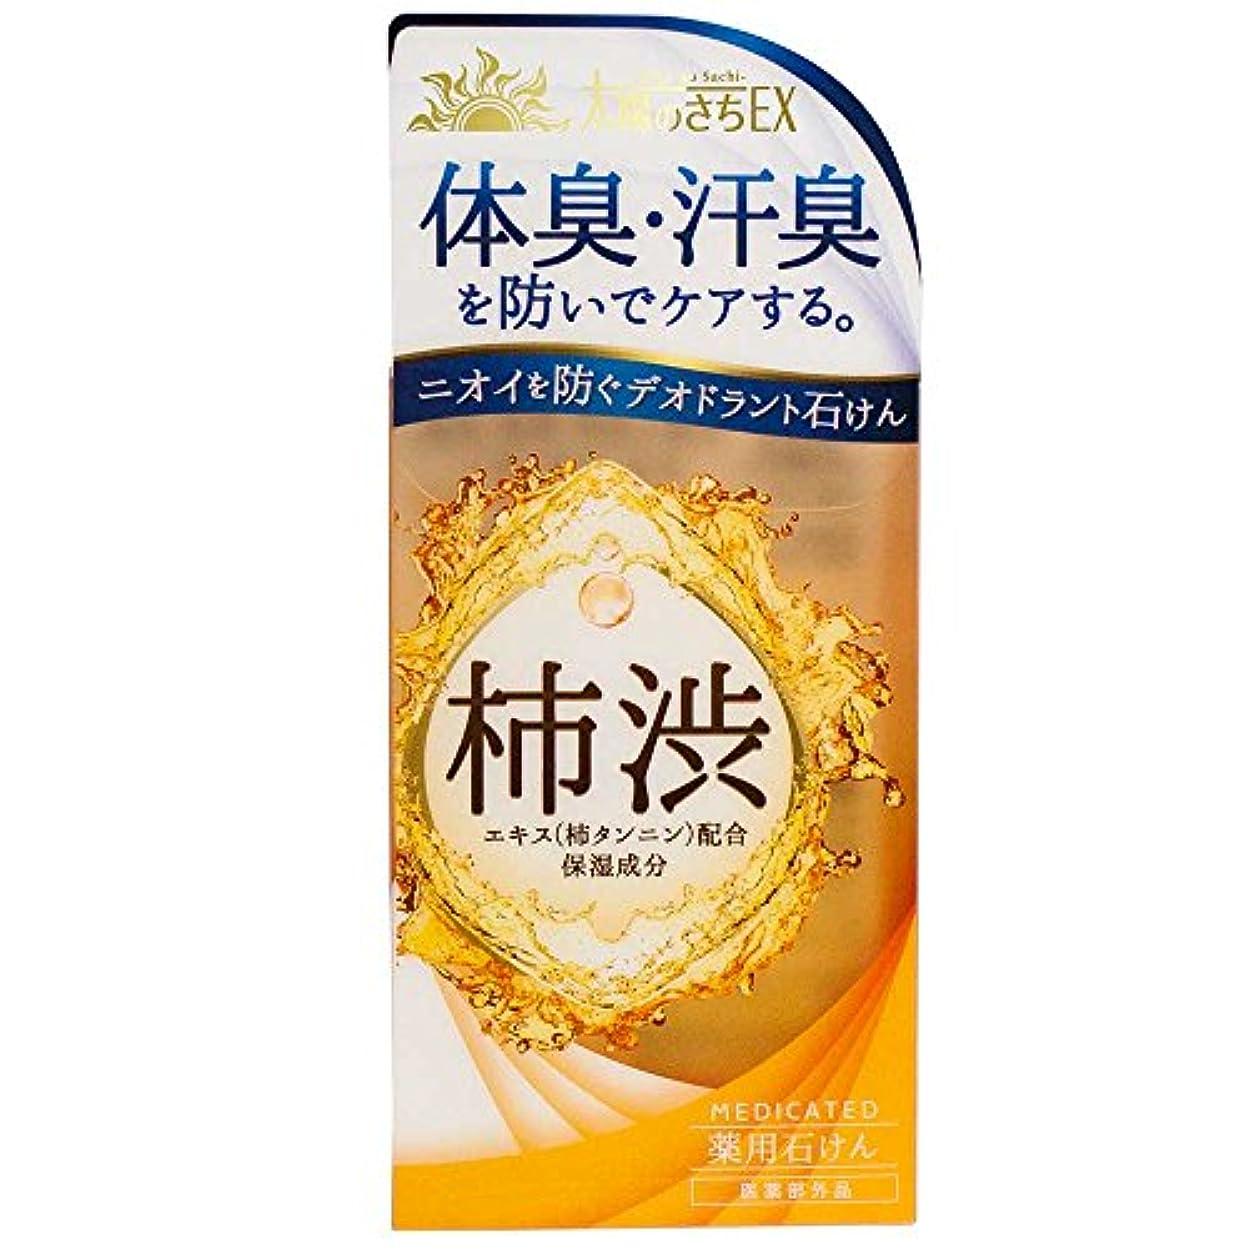 受賞発見ティッシュ薬用太陽のさちEX 柿渋石けん 120g